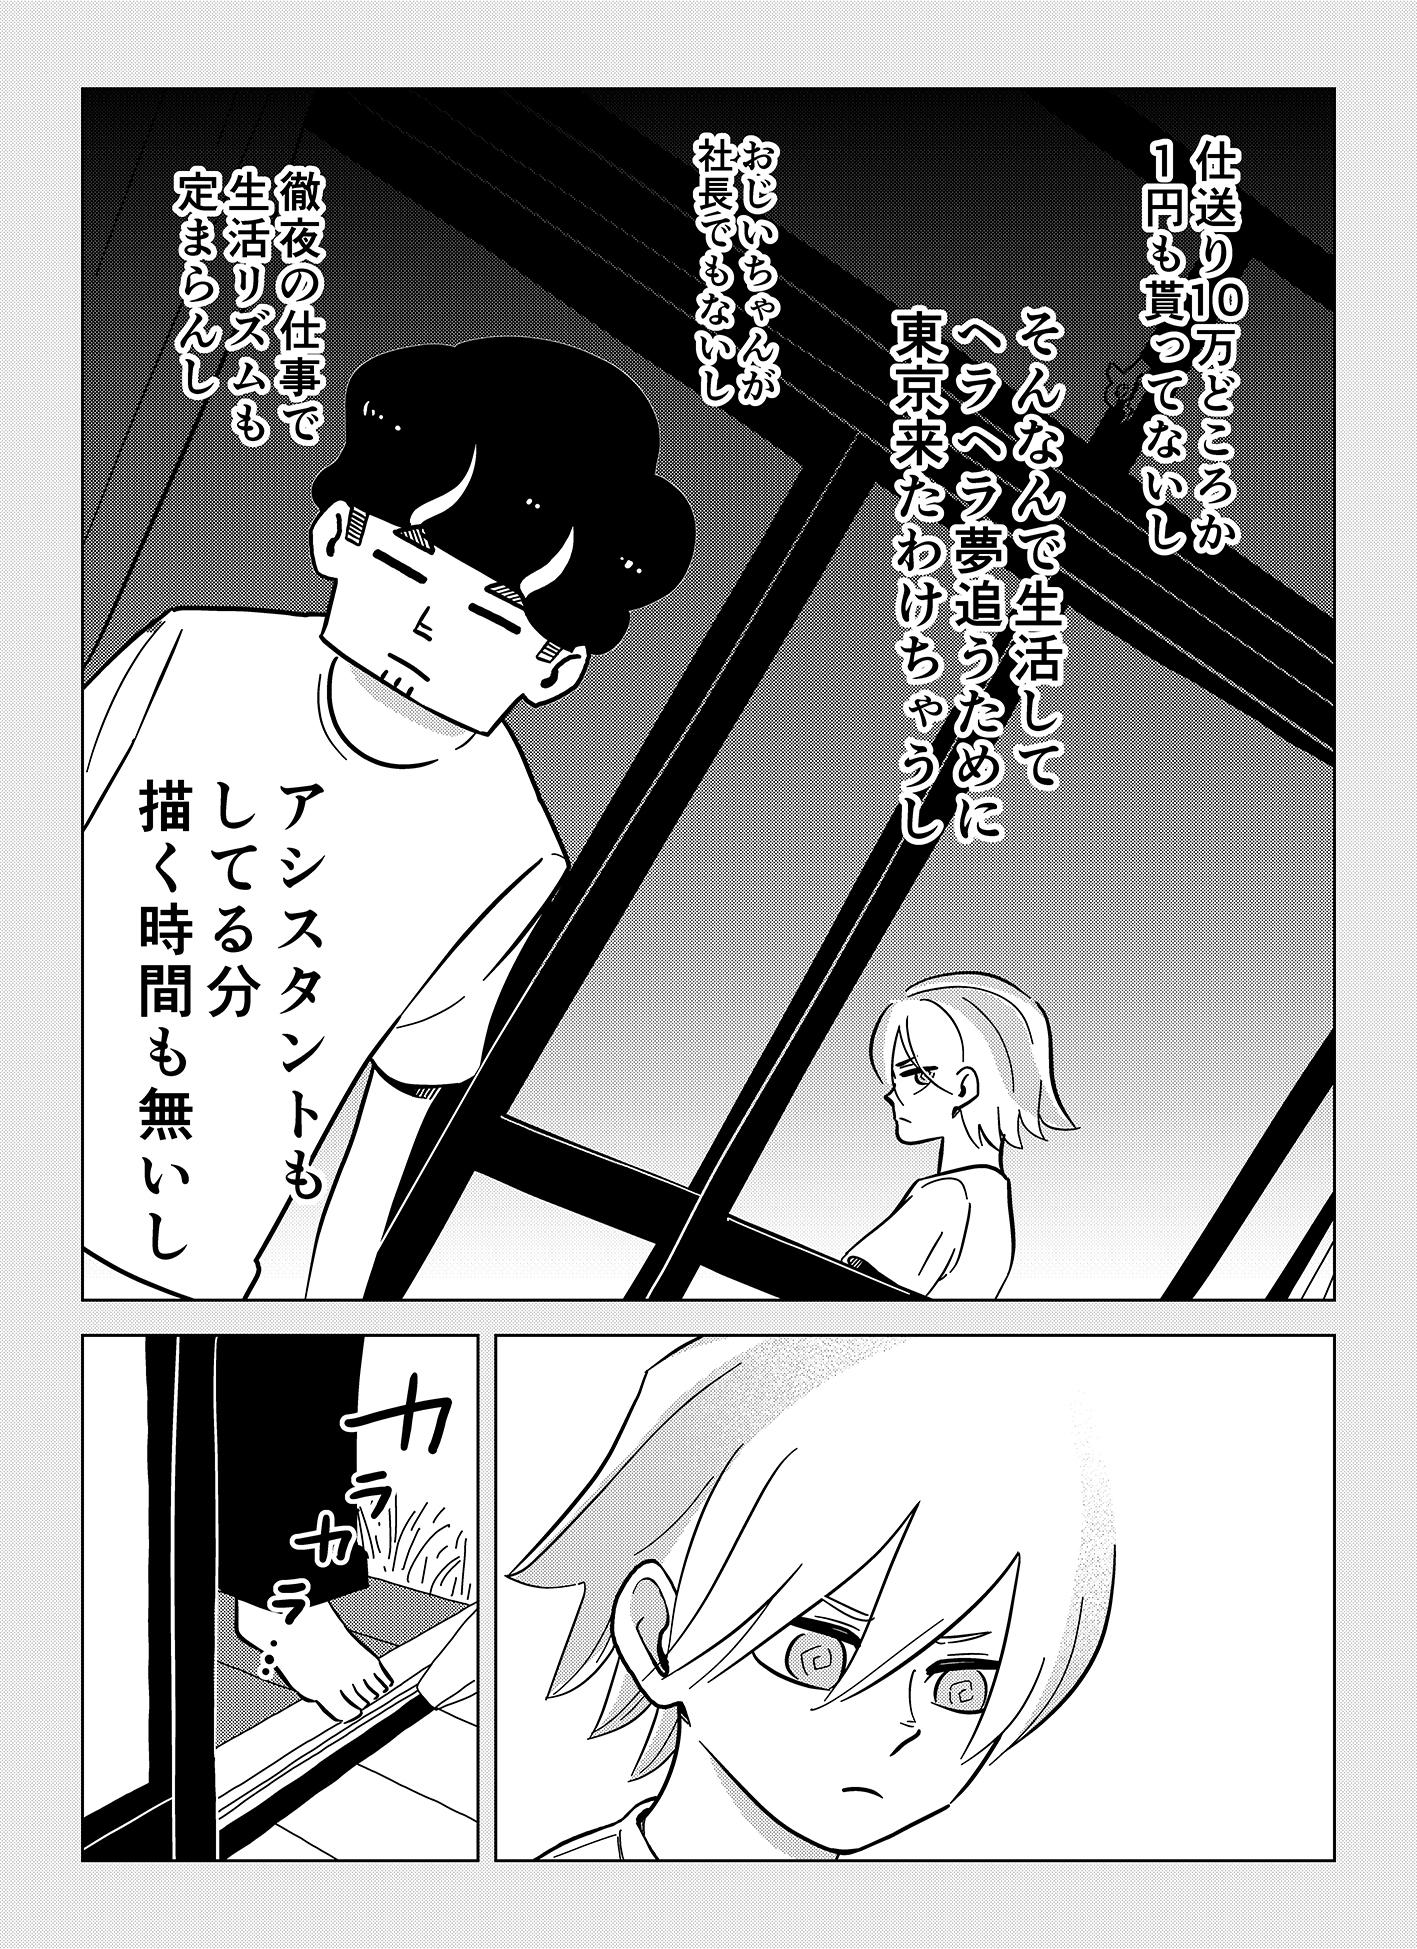 share12_003